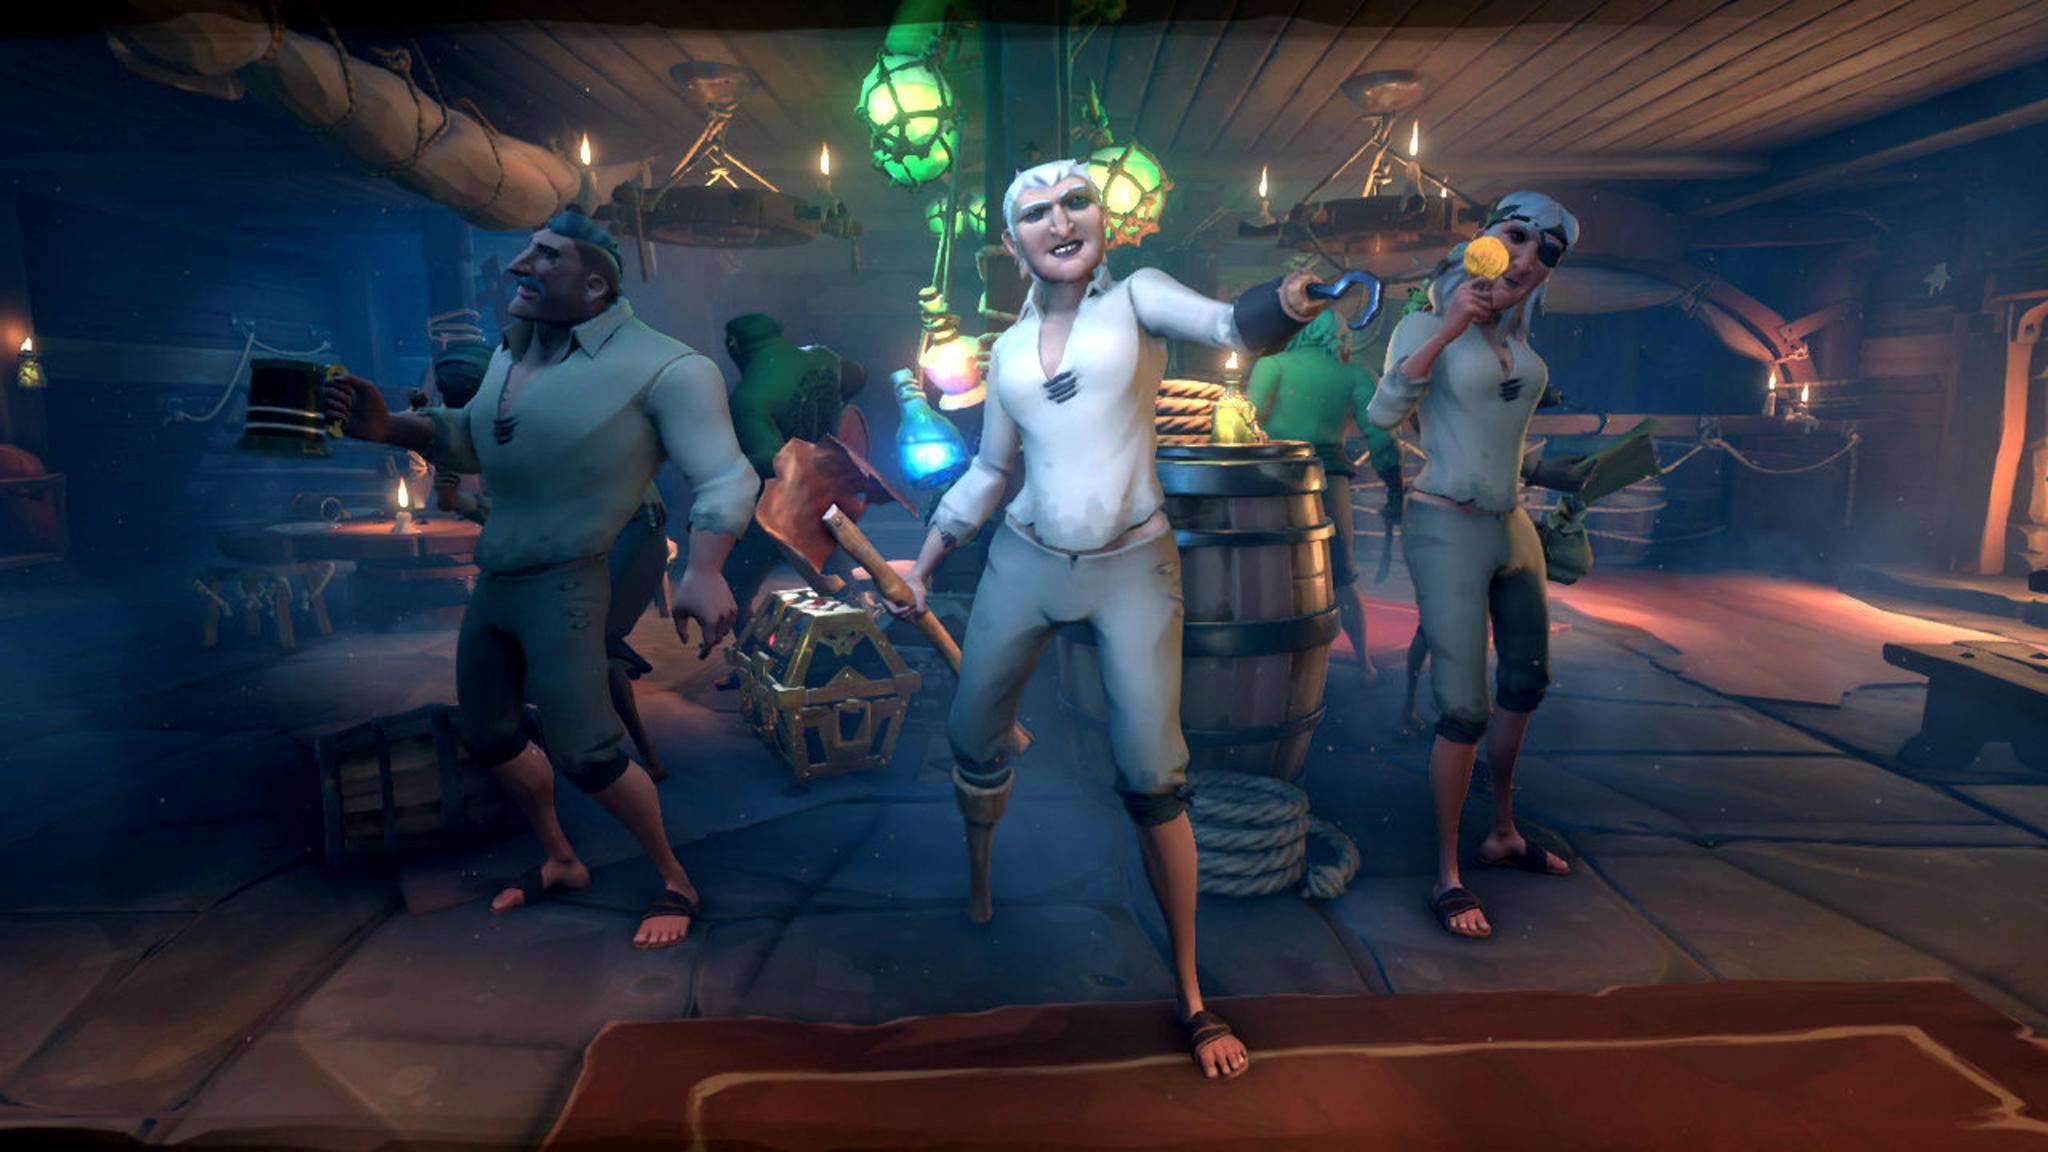 """Der """"Infinite Pirate Generator"""" erstellt zufällige Piraten als Spielfiguren. Doch werden die später auch noch anpassbar sein?"""